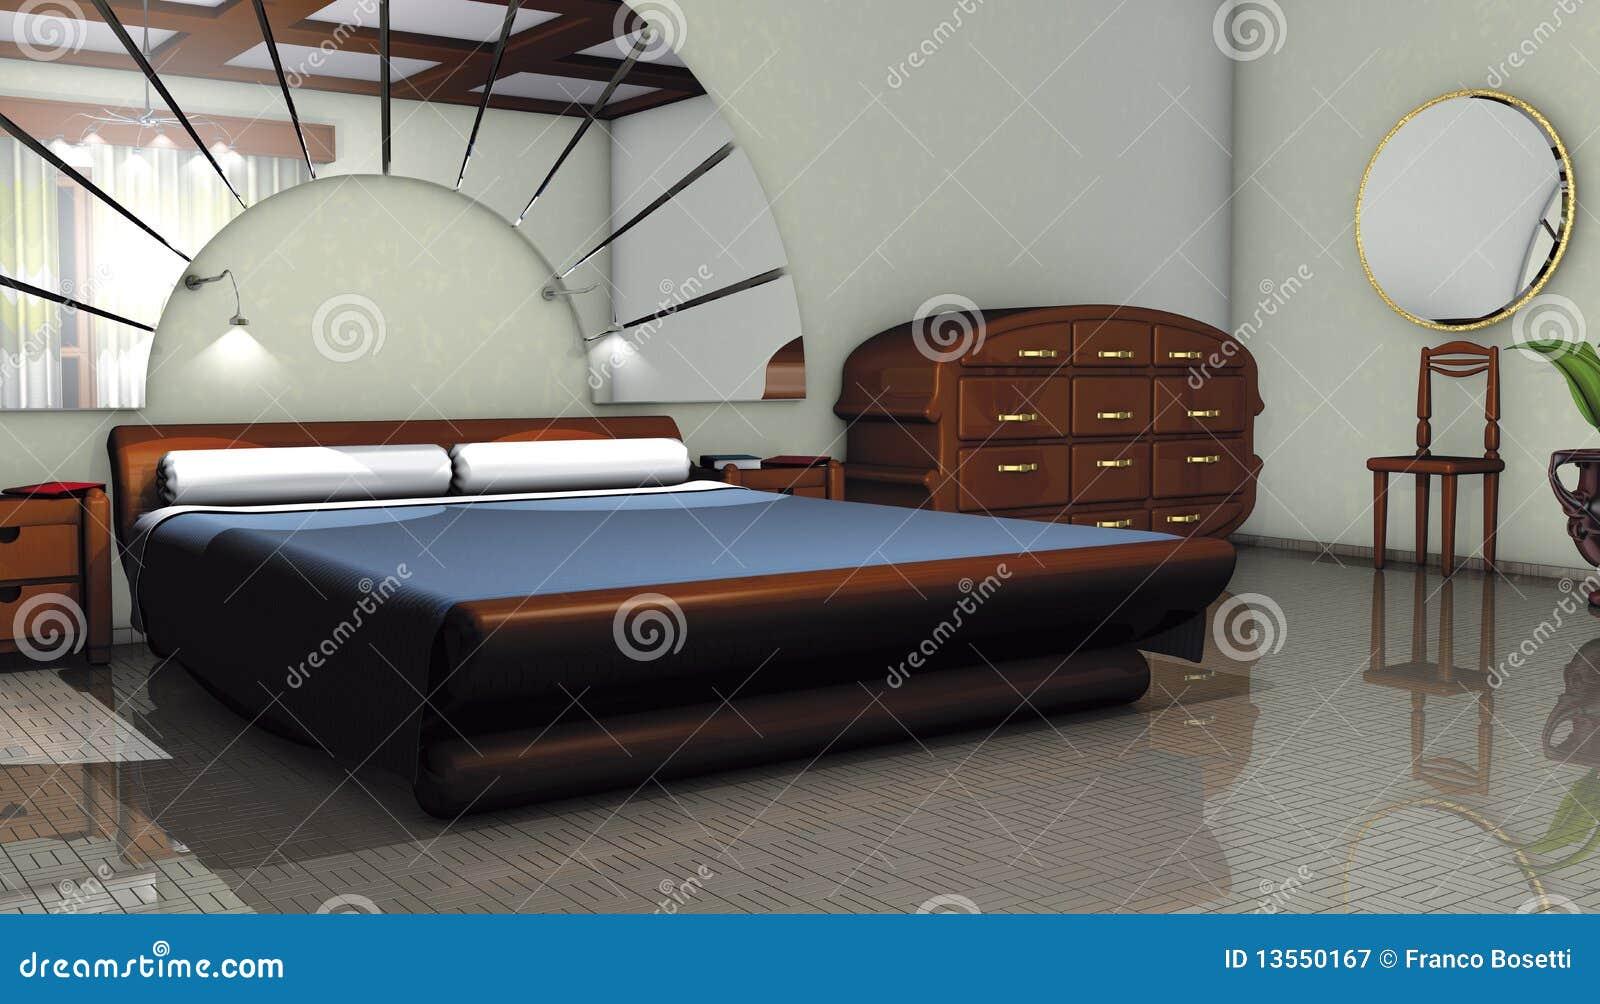 Schlafzimmer modern stock abbildung. Illustration von auslegung ...